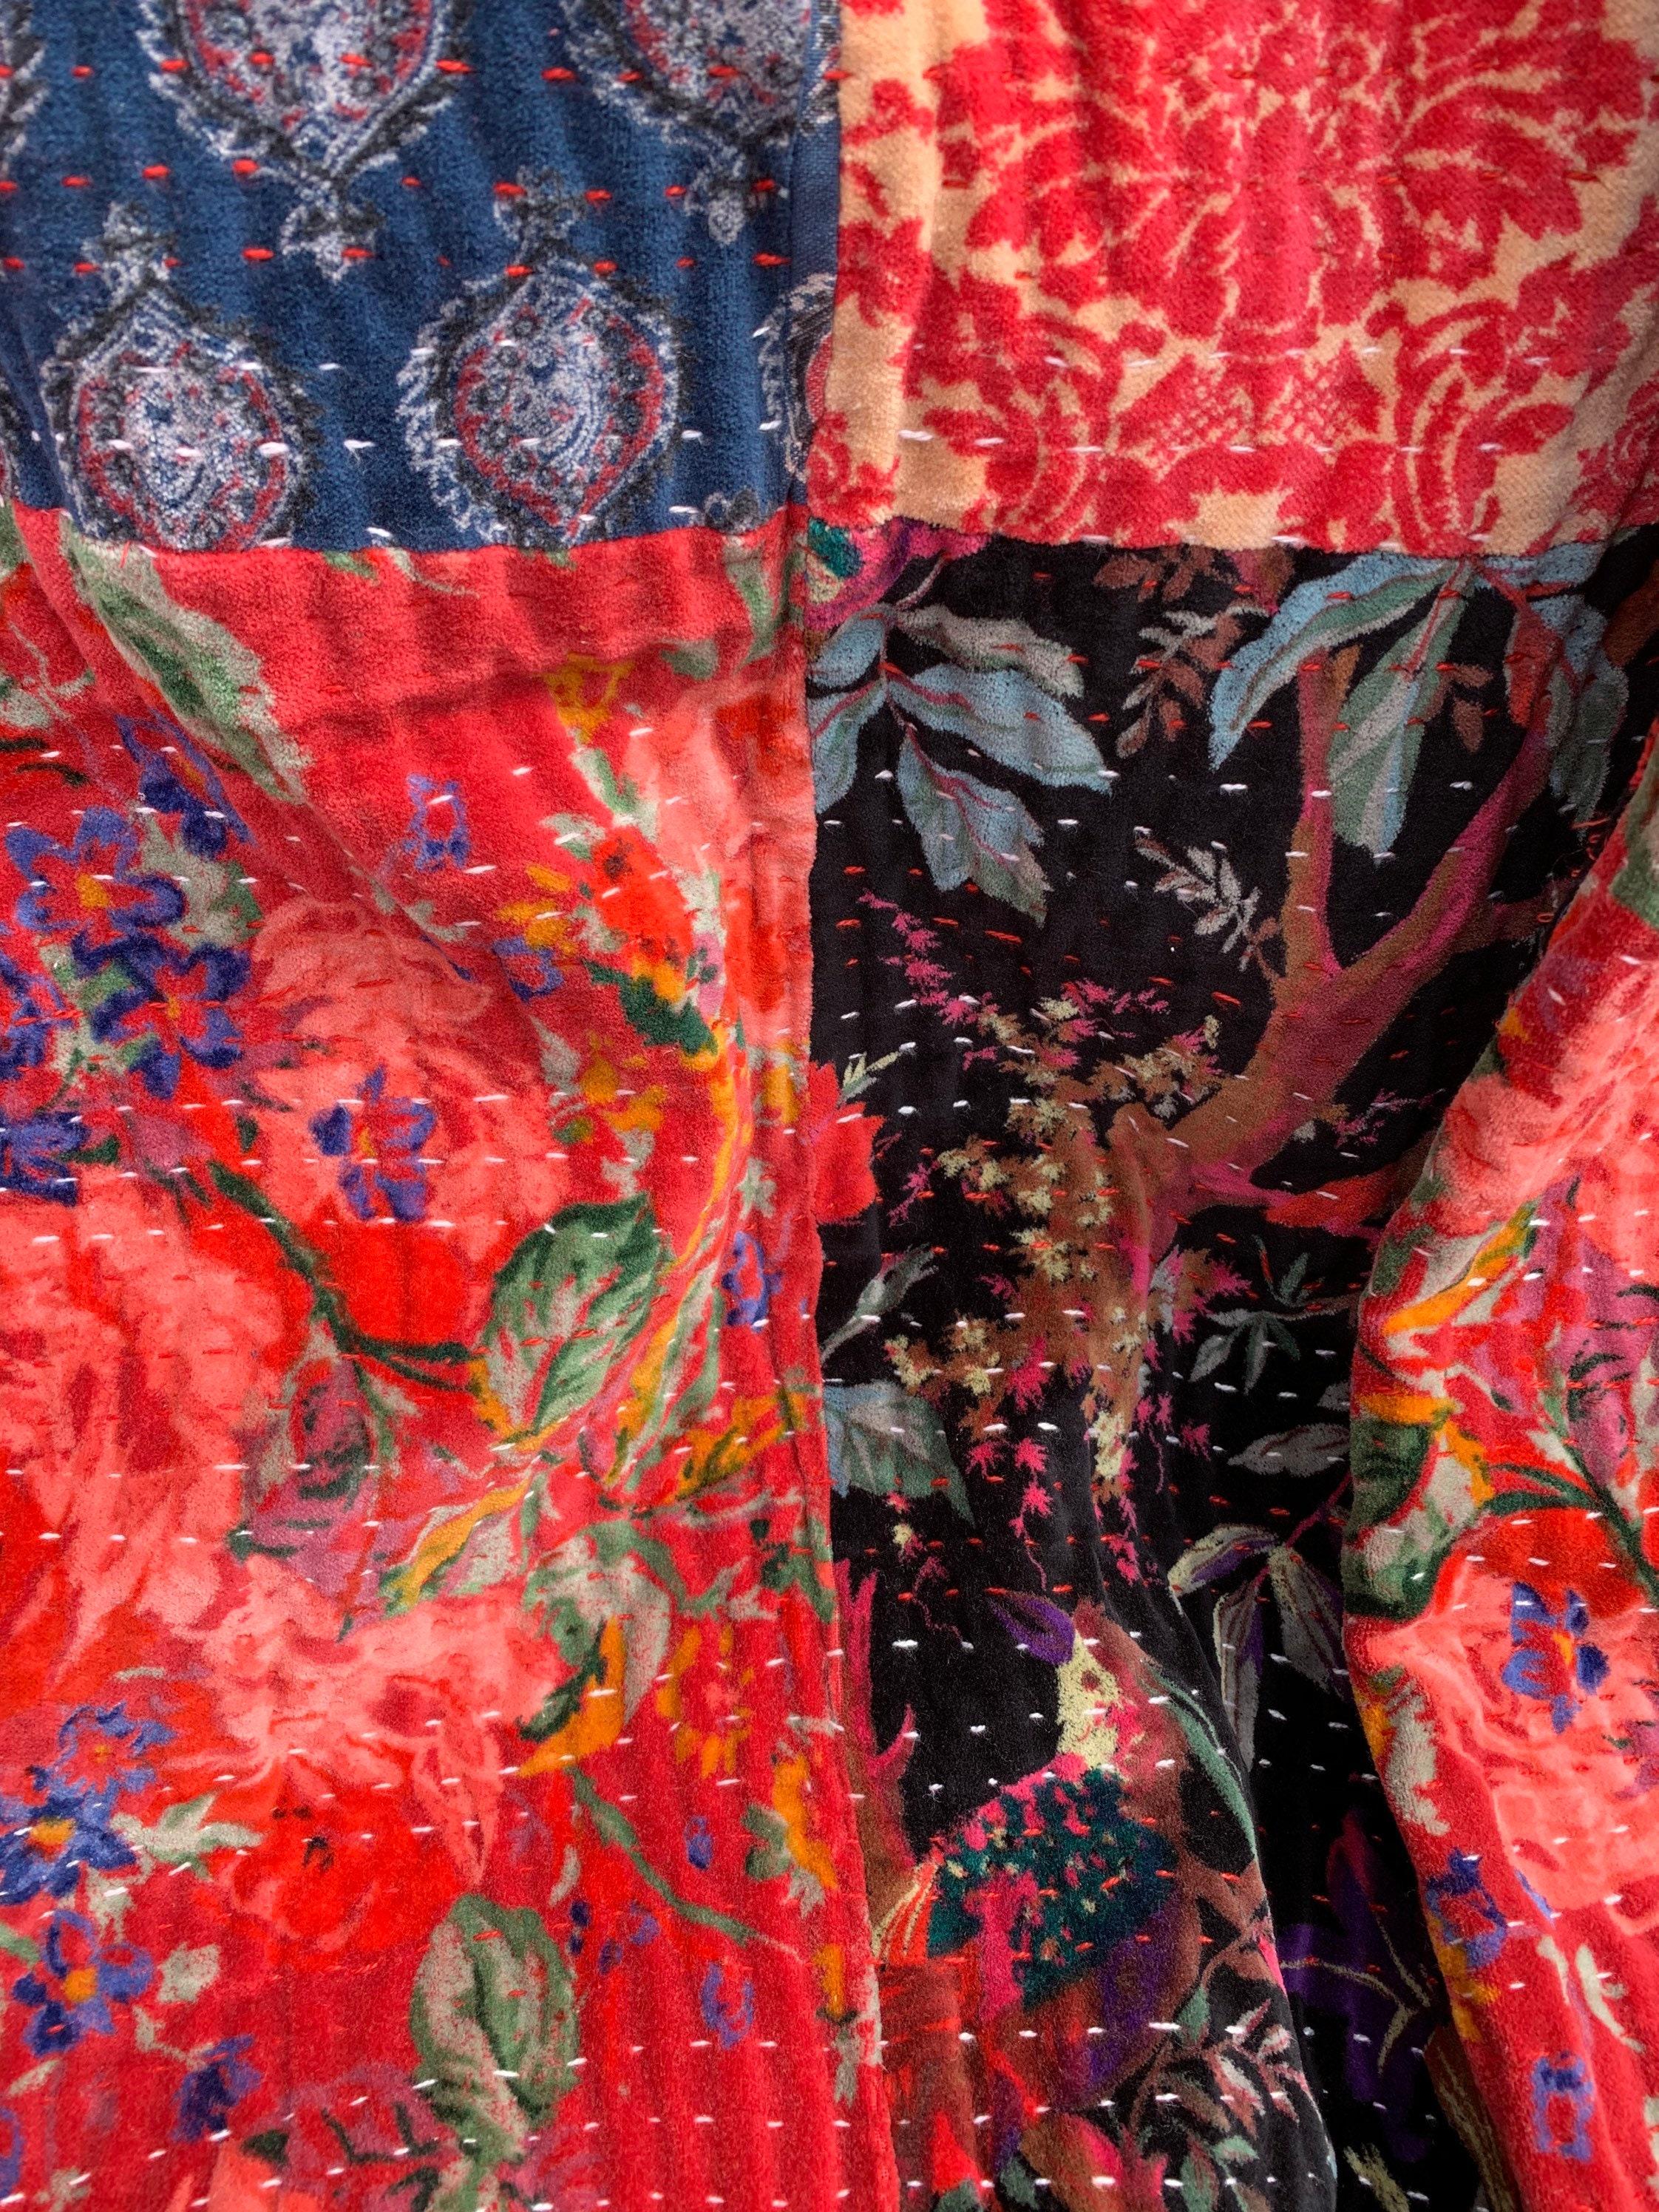 Couverture de lit de patchwork de velours